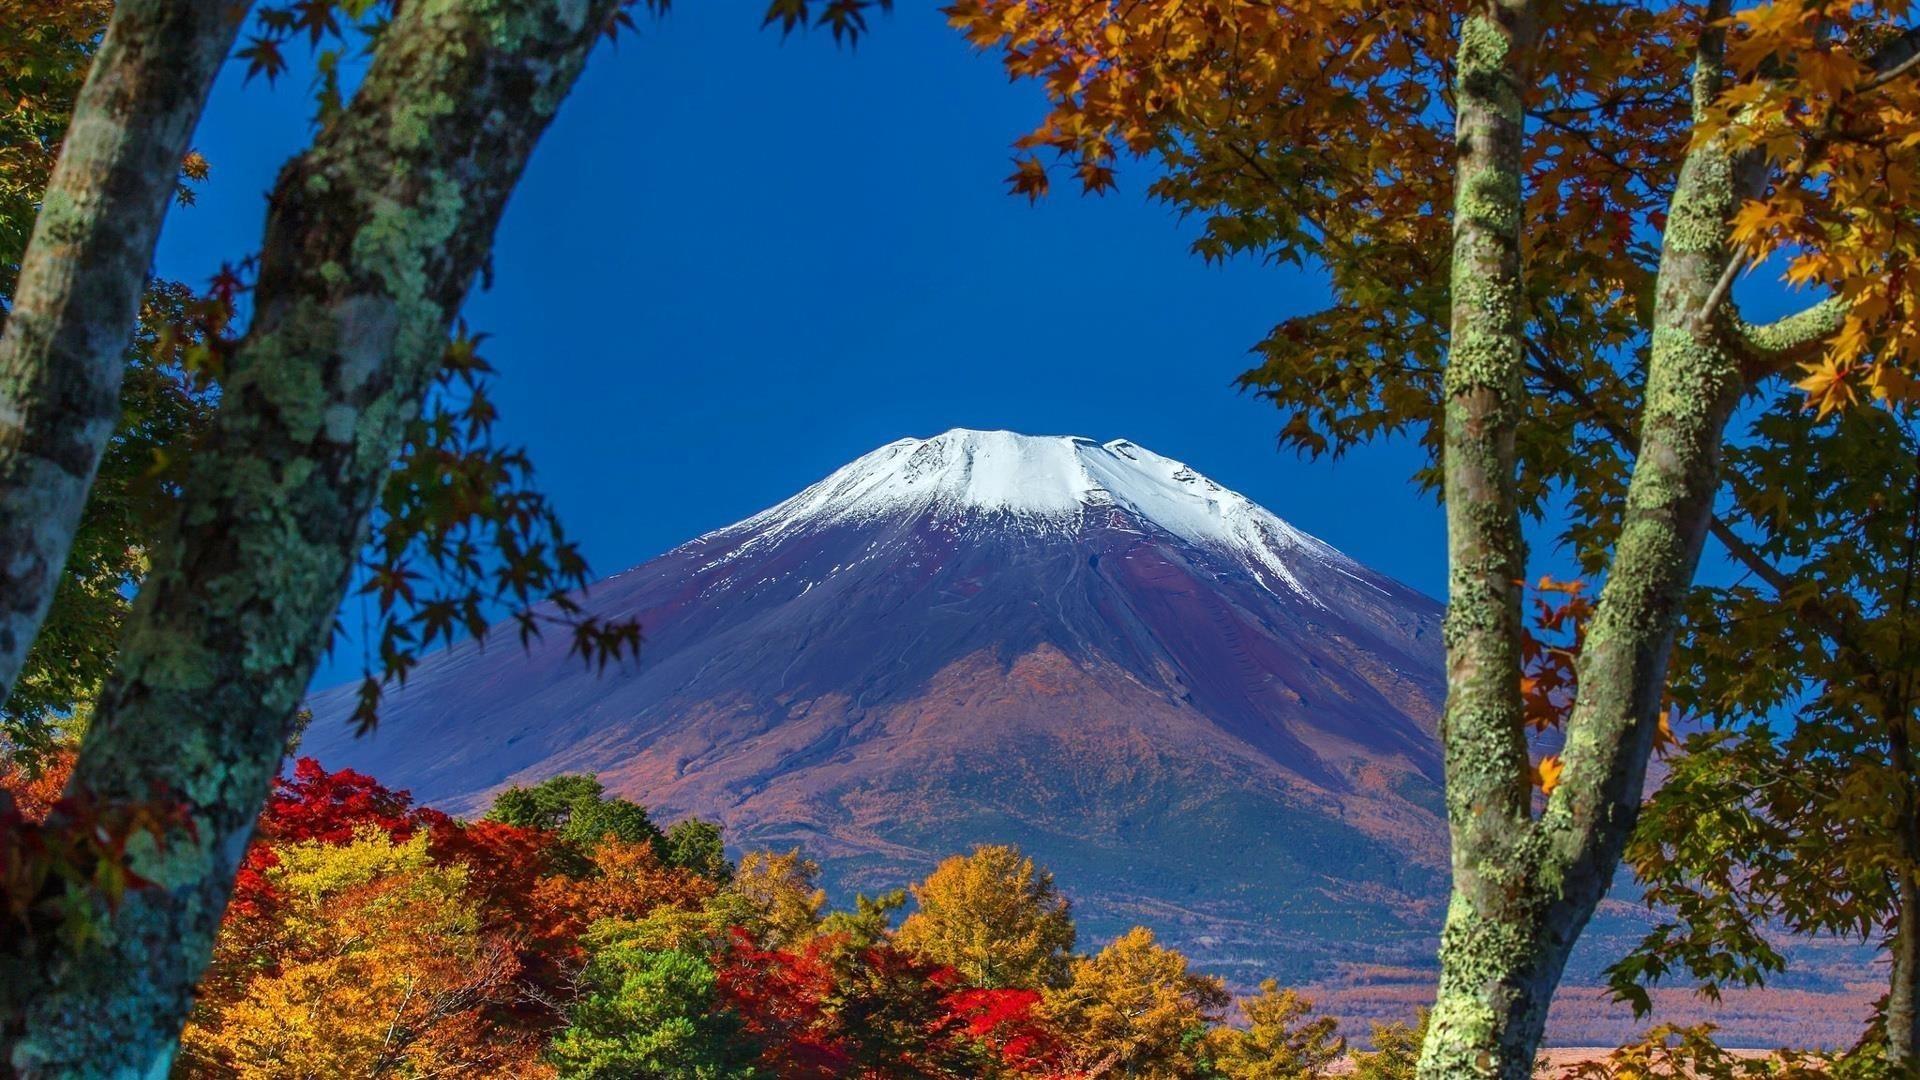 Пейзаж бело фиолетовой покрытой горы под голубым небом и красочными осенними деревьями природы обои скачать